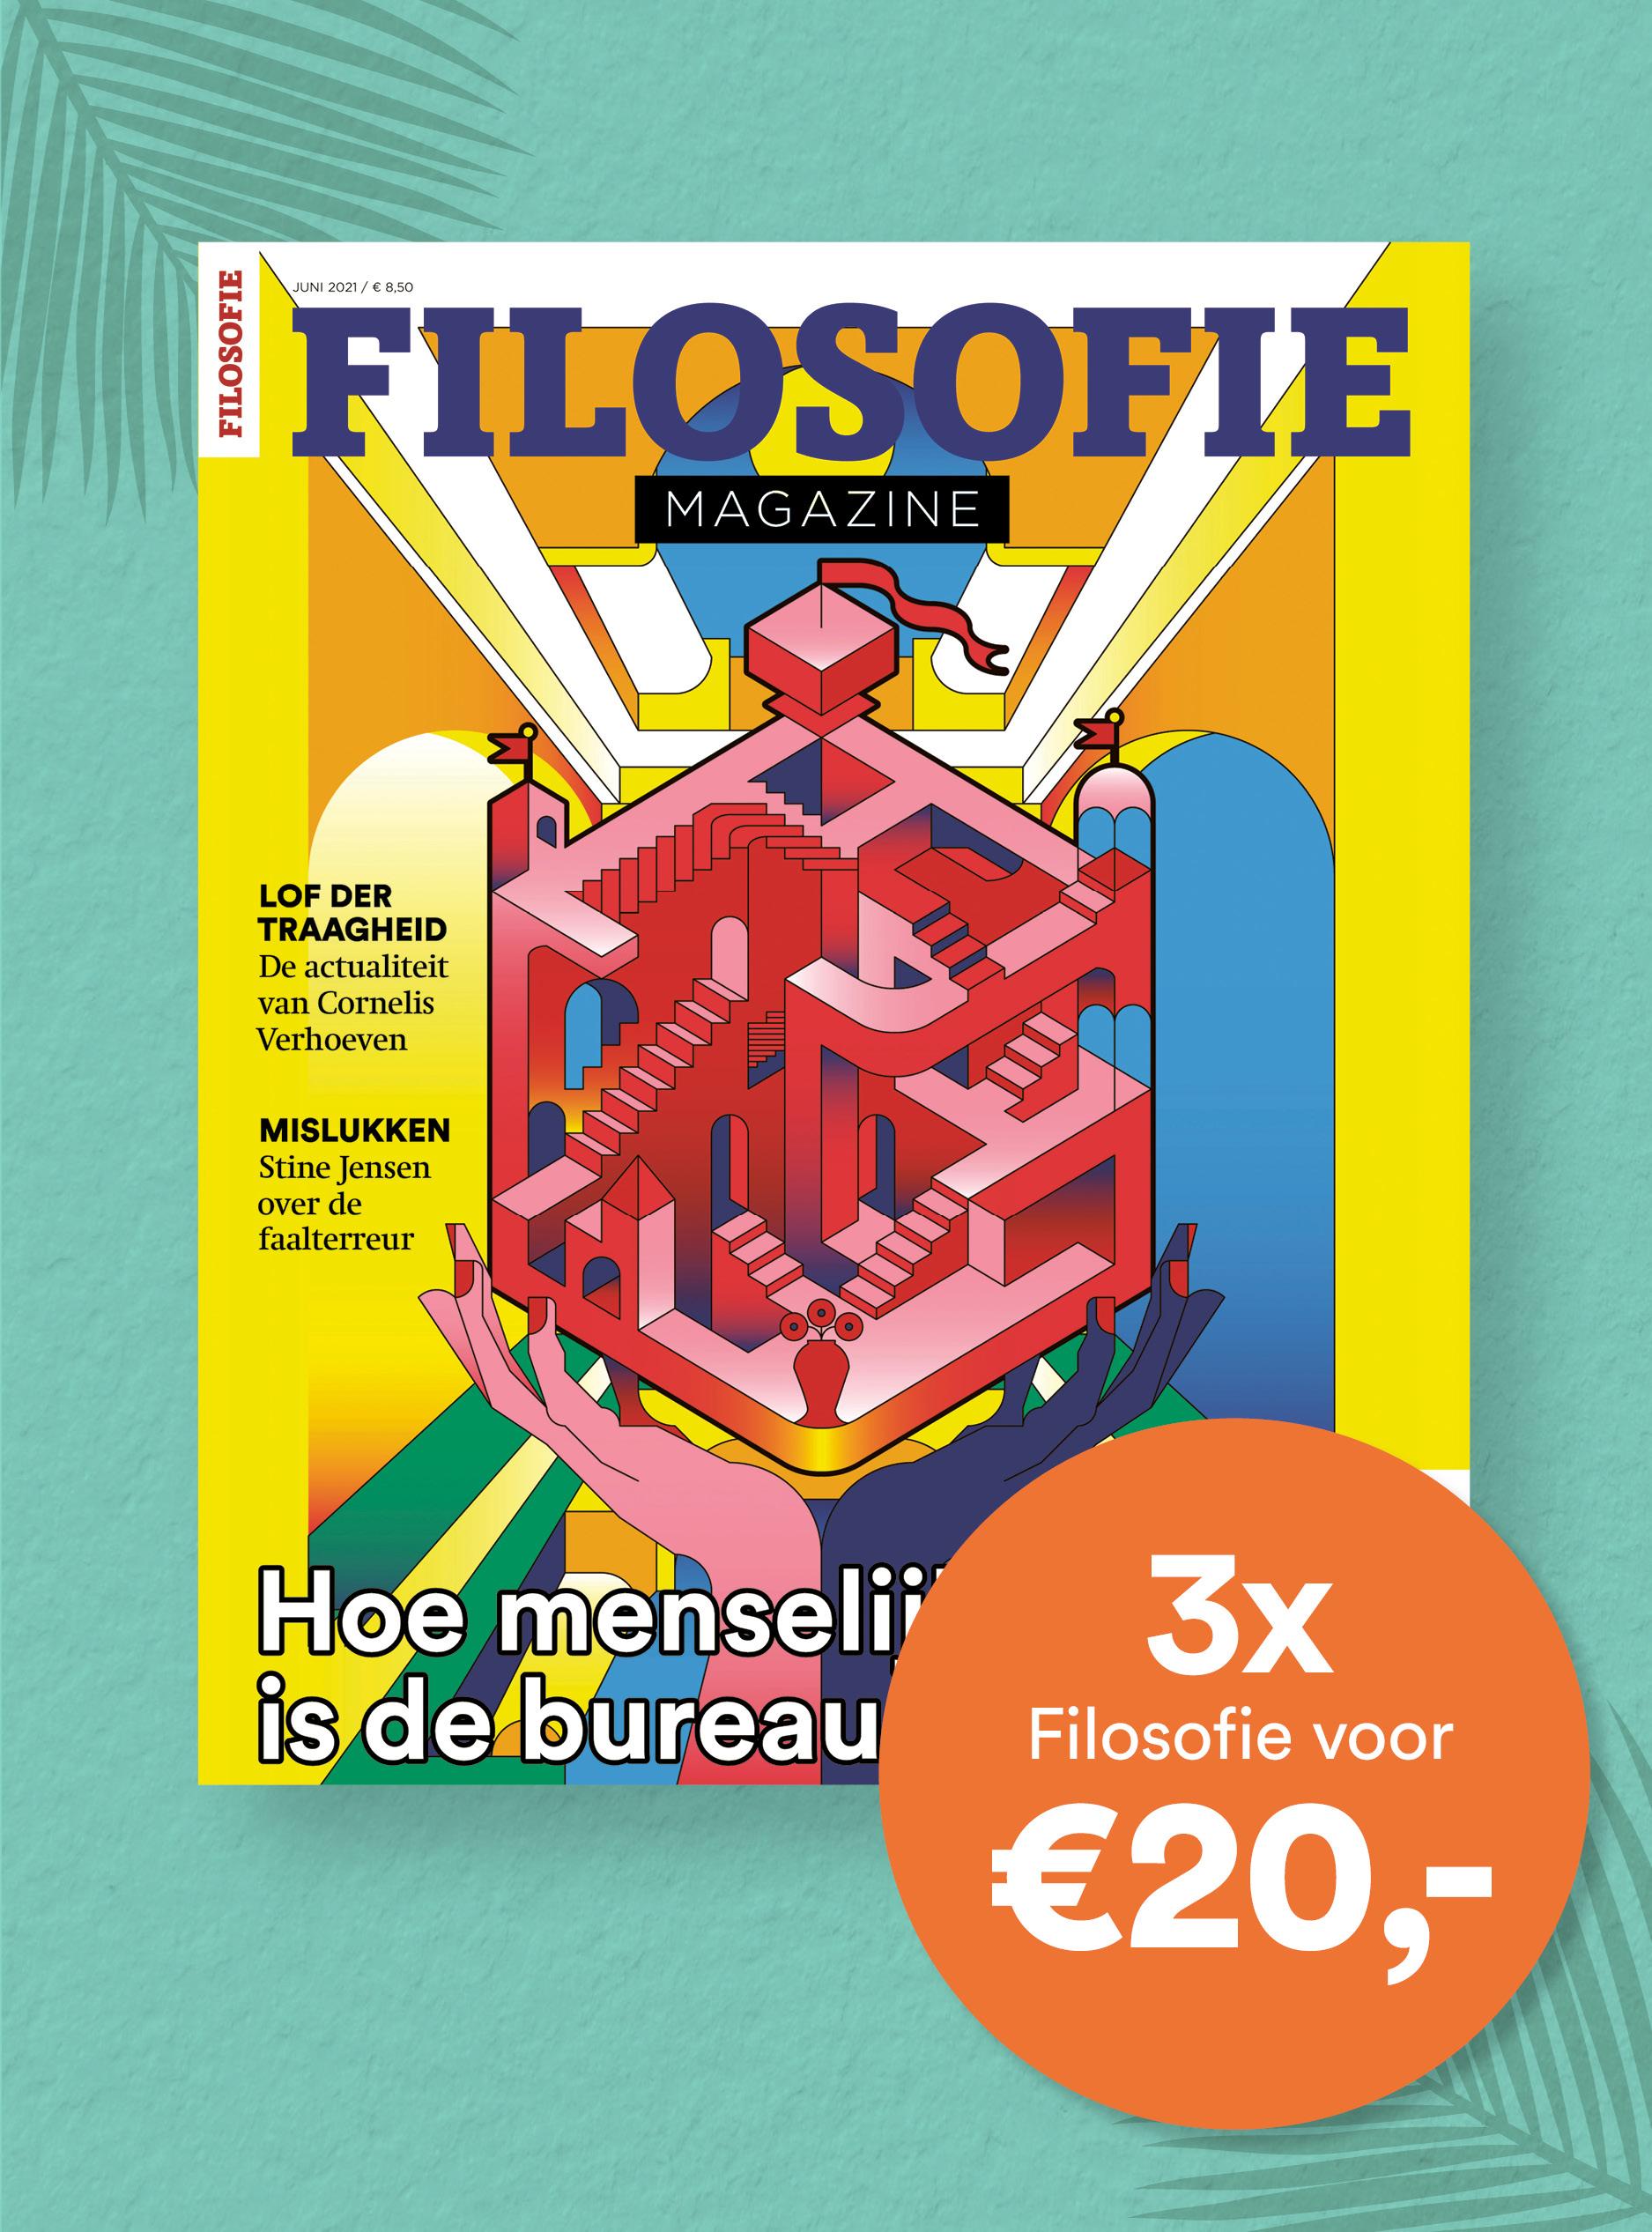 Afbeelding Filosofie Magazine